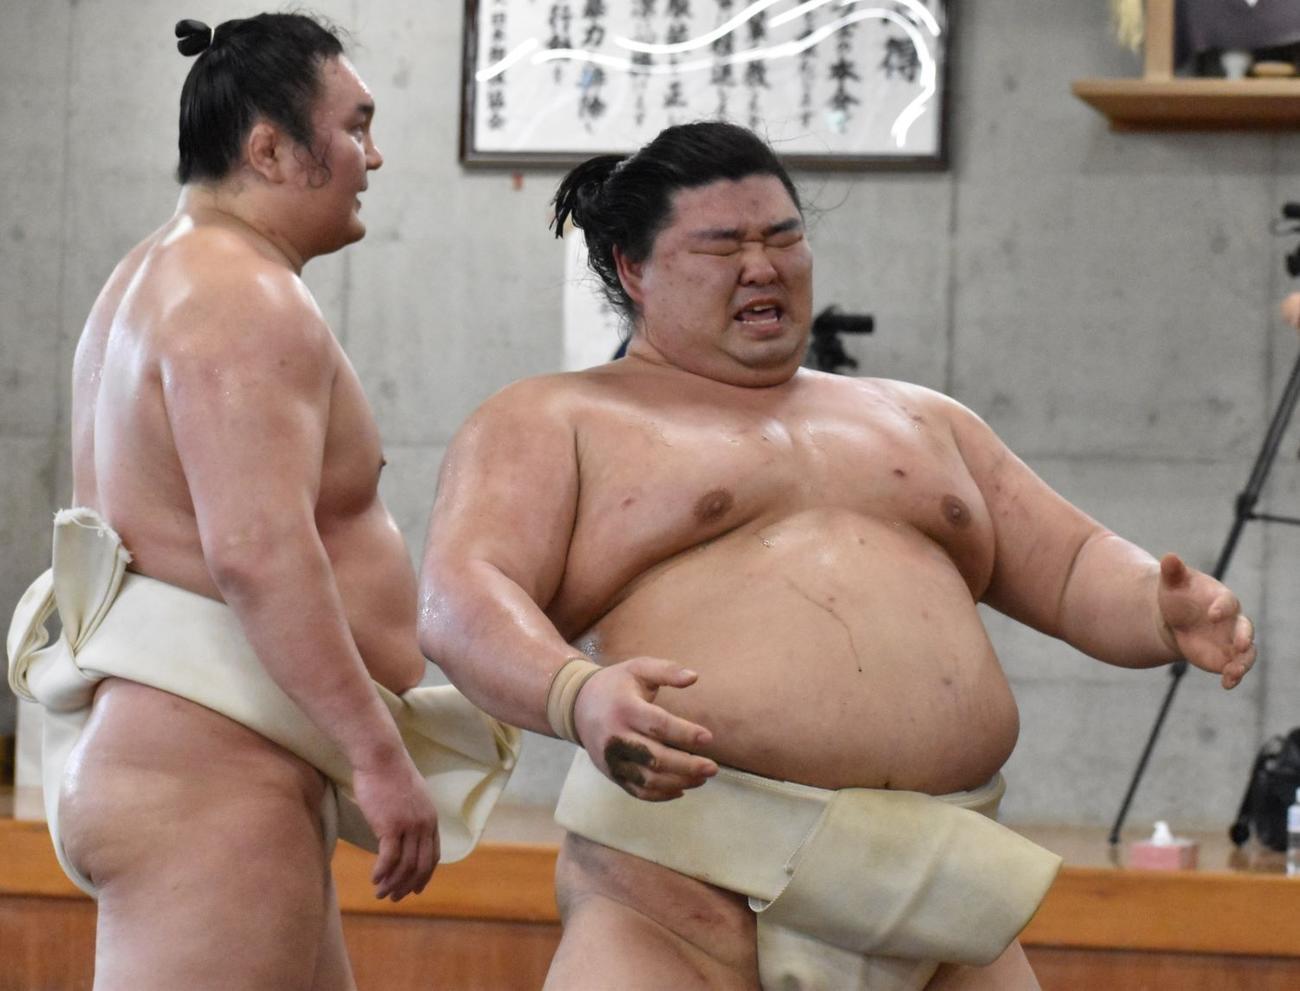 両国国技館内の相撲教習所で行われた合同稽古に参加し、ぶつかり稽古に励む正代と胸を出す白鵬(左)